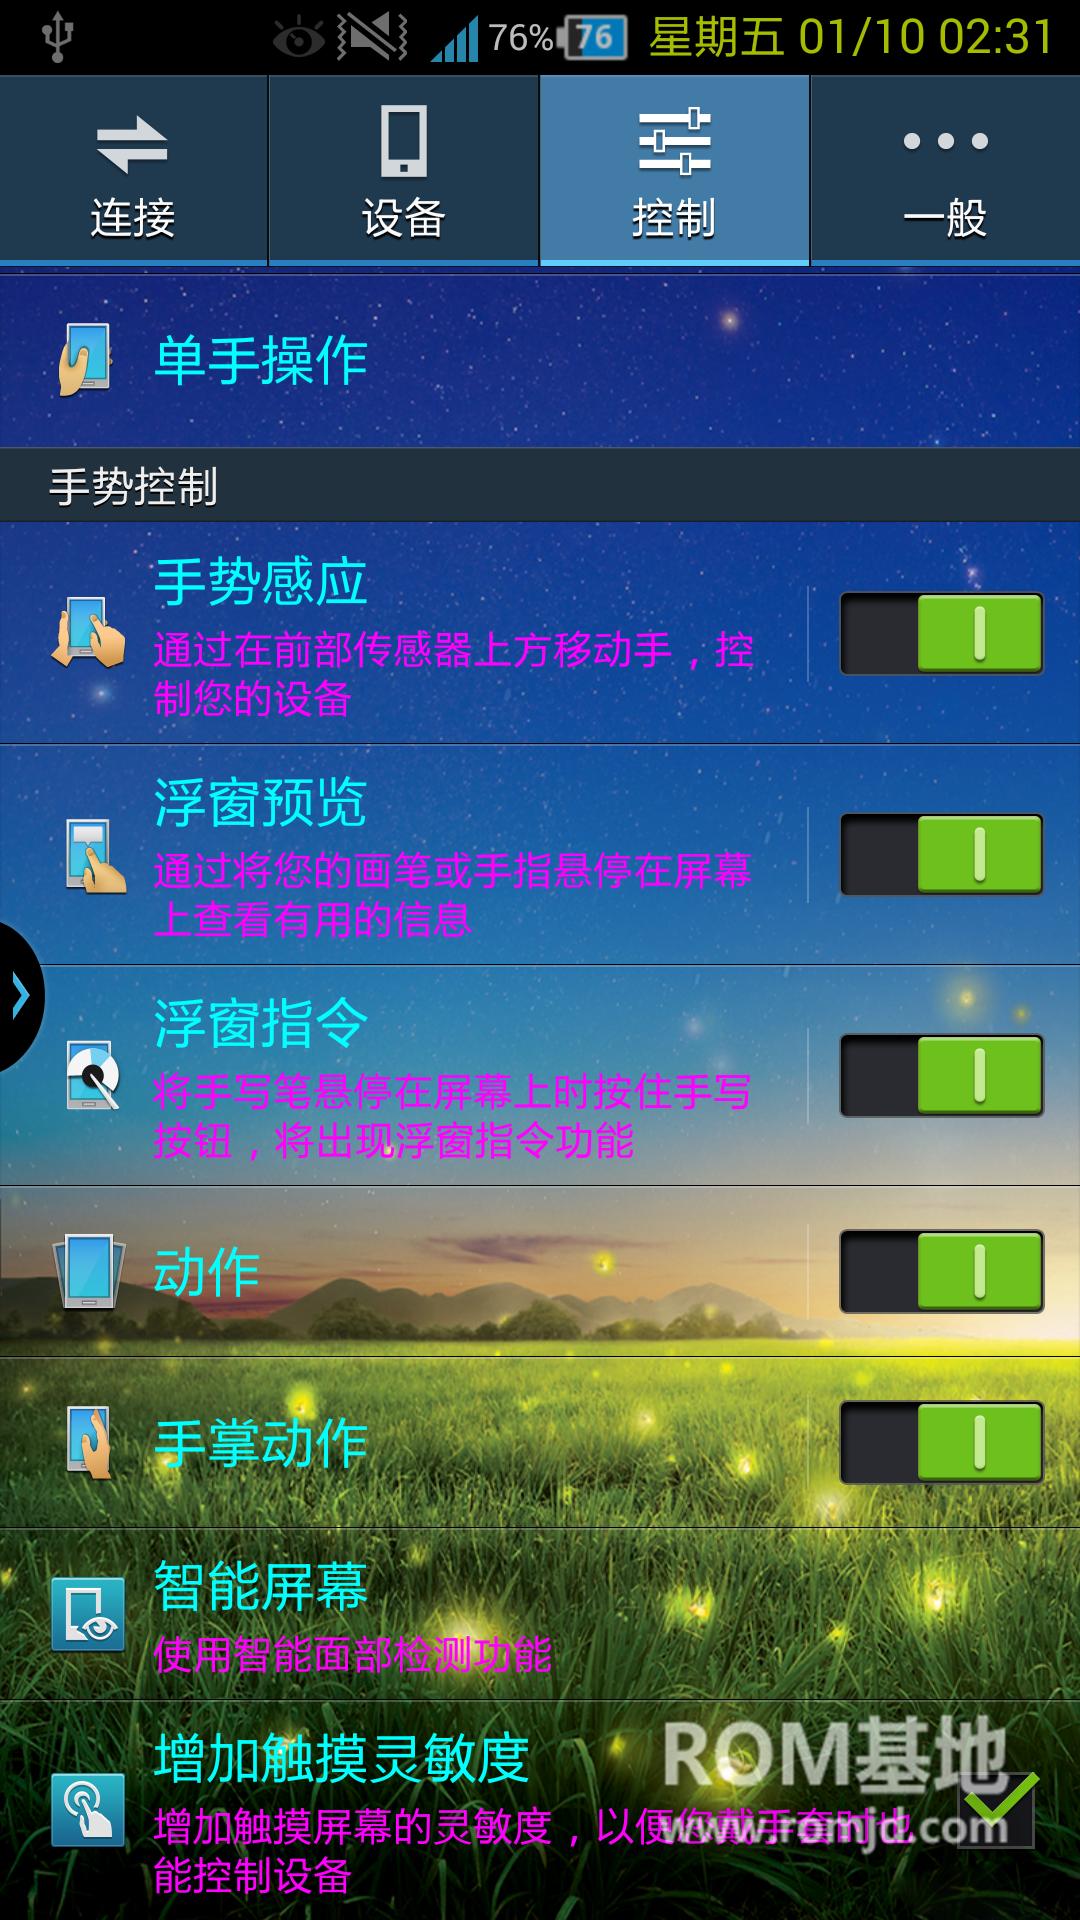 三星 N900刷机包(Note3) ZSUCML1 完美root||实用自定义||稳定省电长期使用版ROM刷机包截图